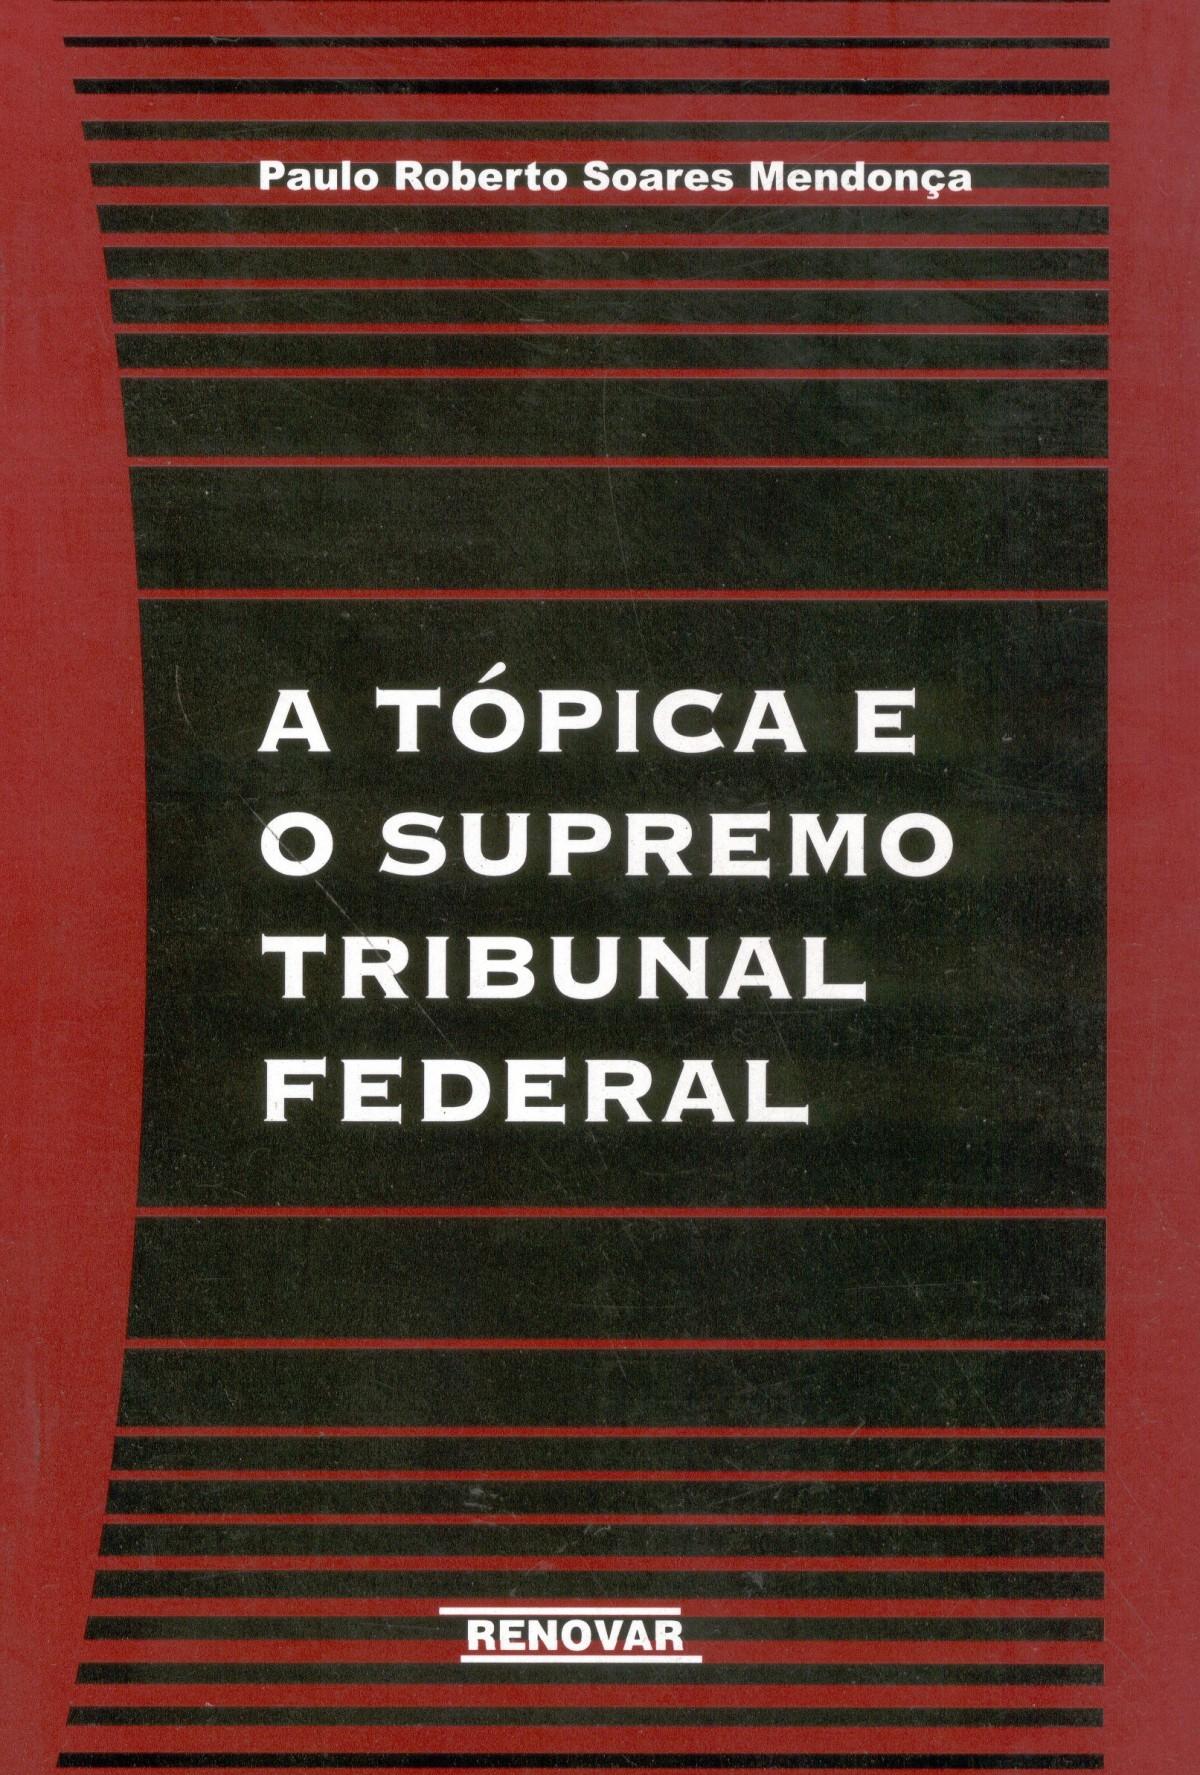 Foto 1 - A Tópica e o Supremo Tribunal Federal